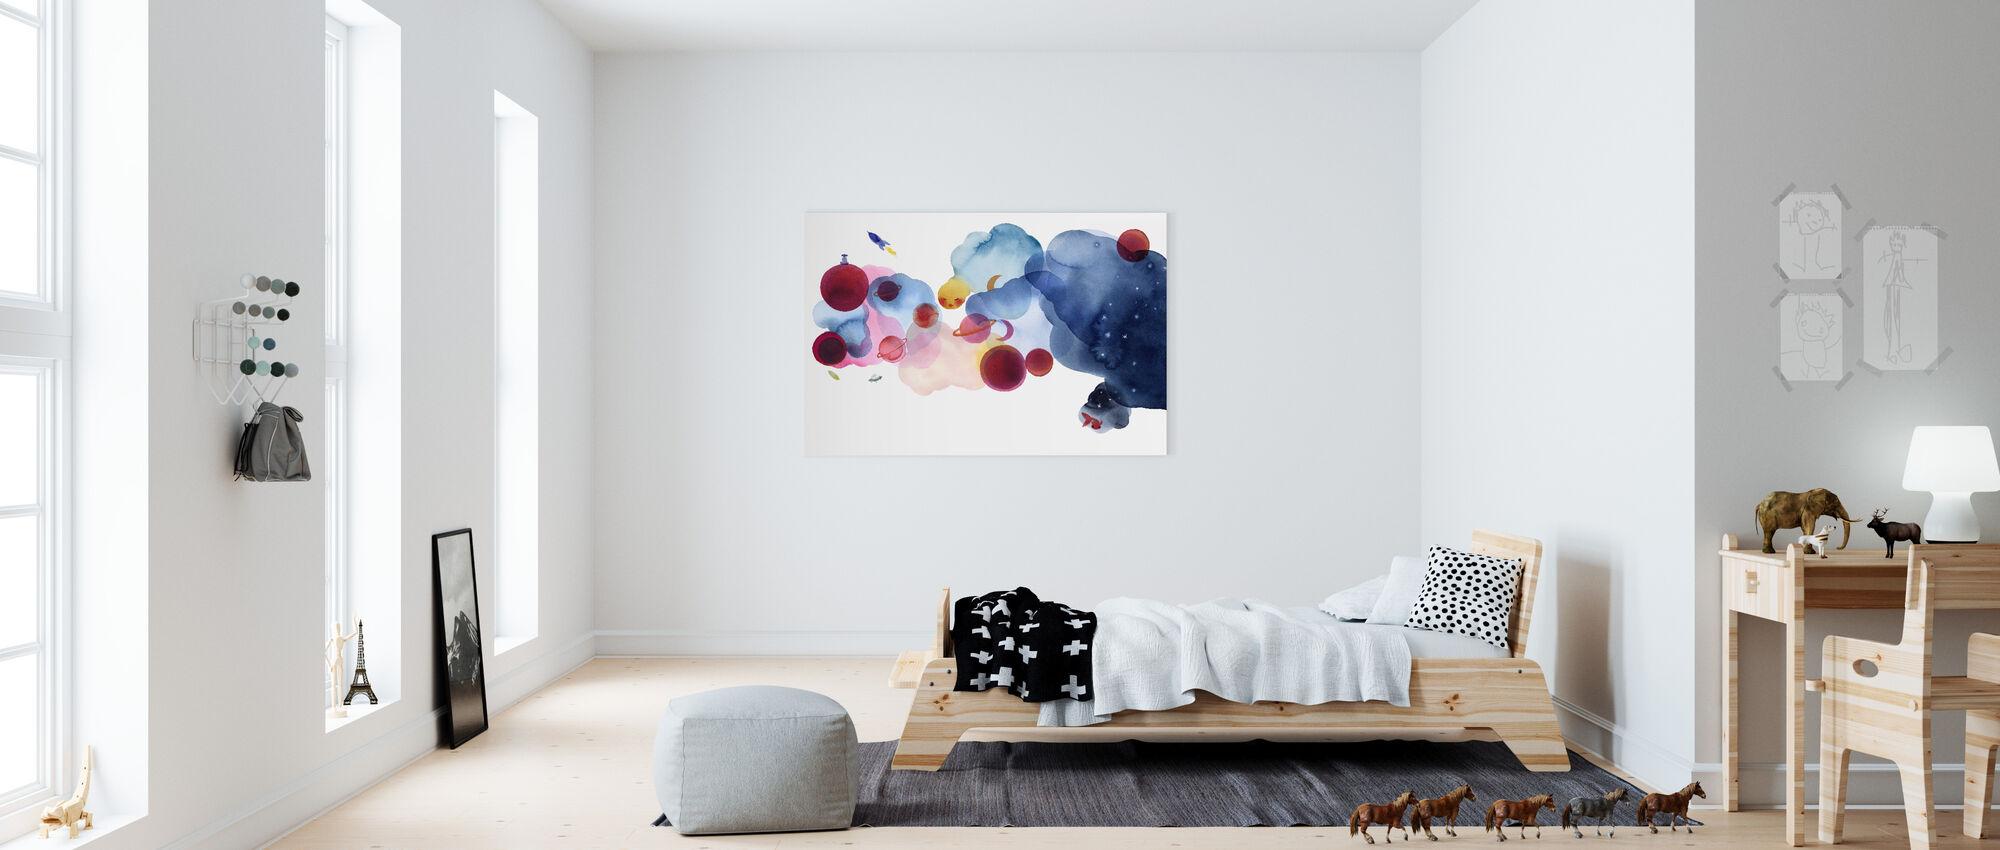 Couleur de l'eau Espace I - Impression sur toile - Chambre des enfants